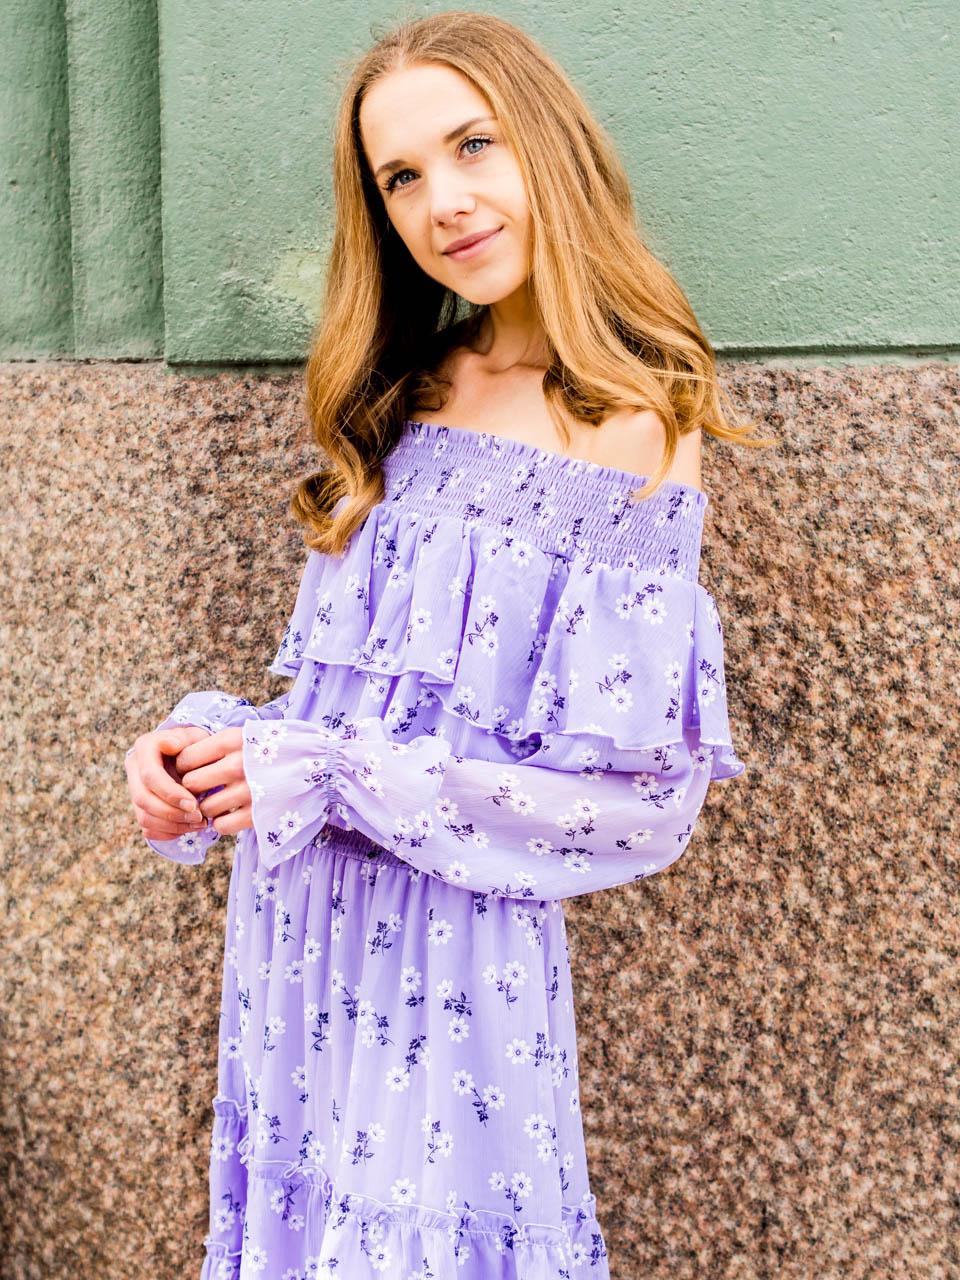 fashion-blogger-summer-outfit-bikbok-floral-dress-kesämuoti-kesämekko-muotiblogi